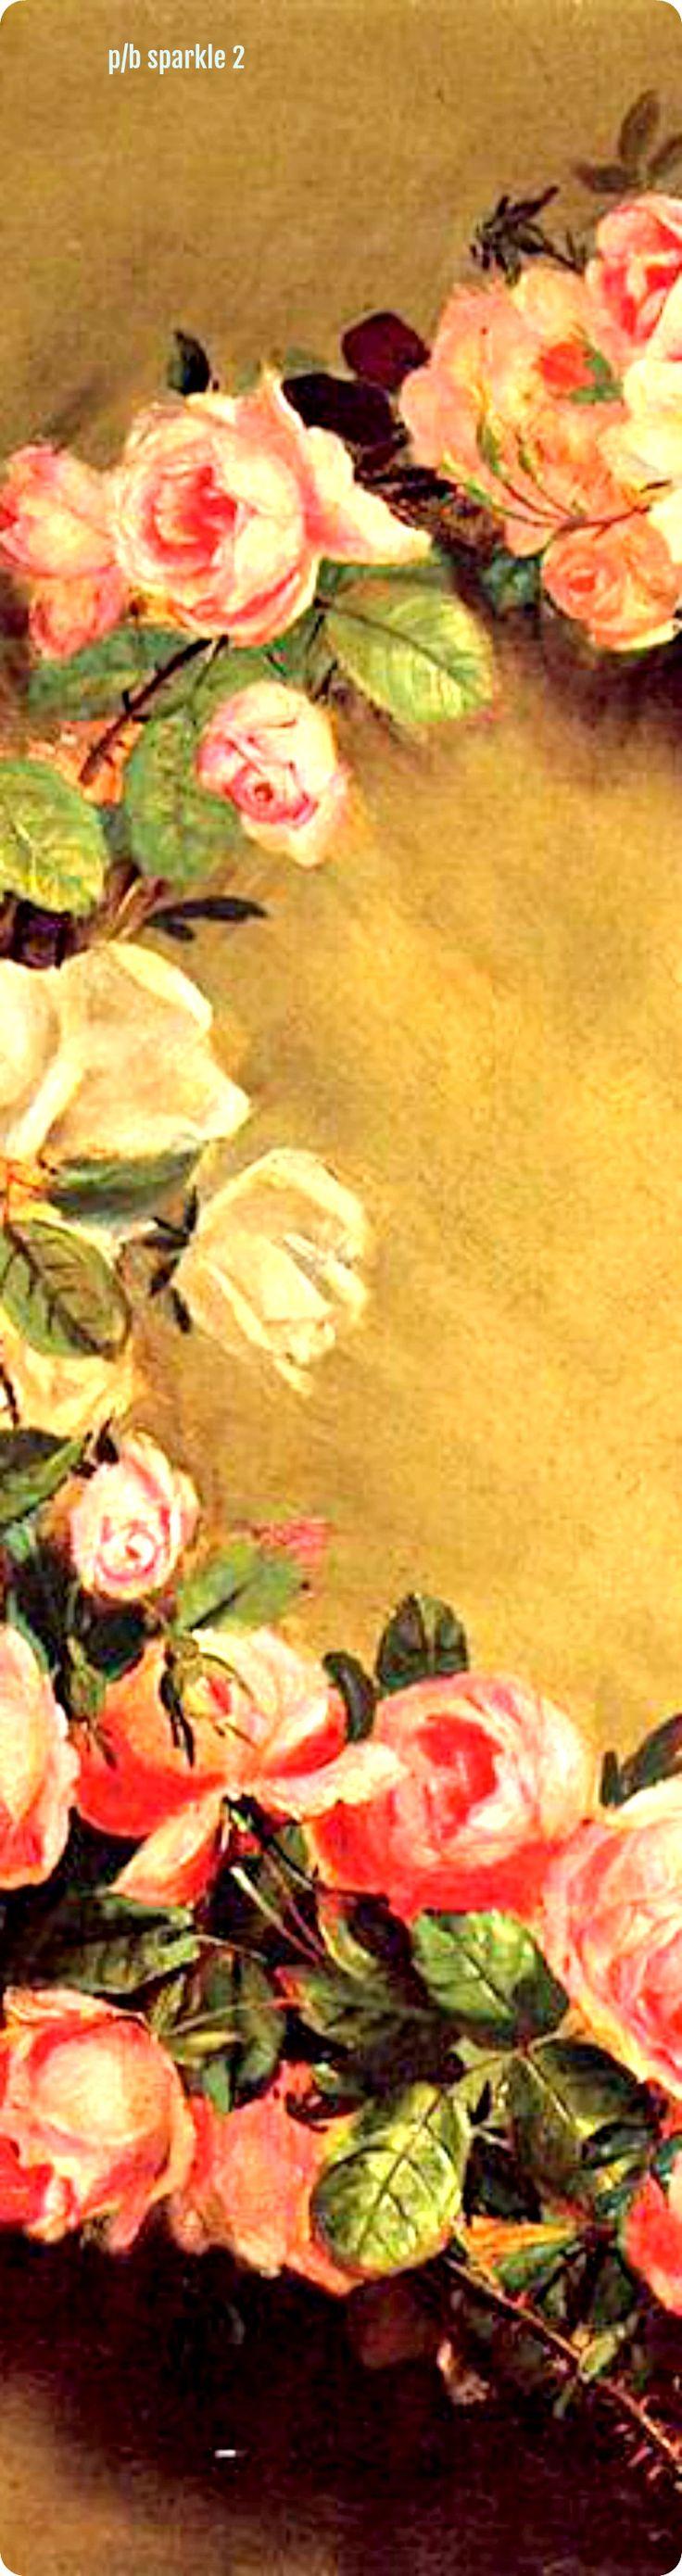 Pierre-Auguste Renoir (1841-1919): Crown of Roses, 1858 (left side)